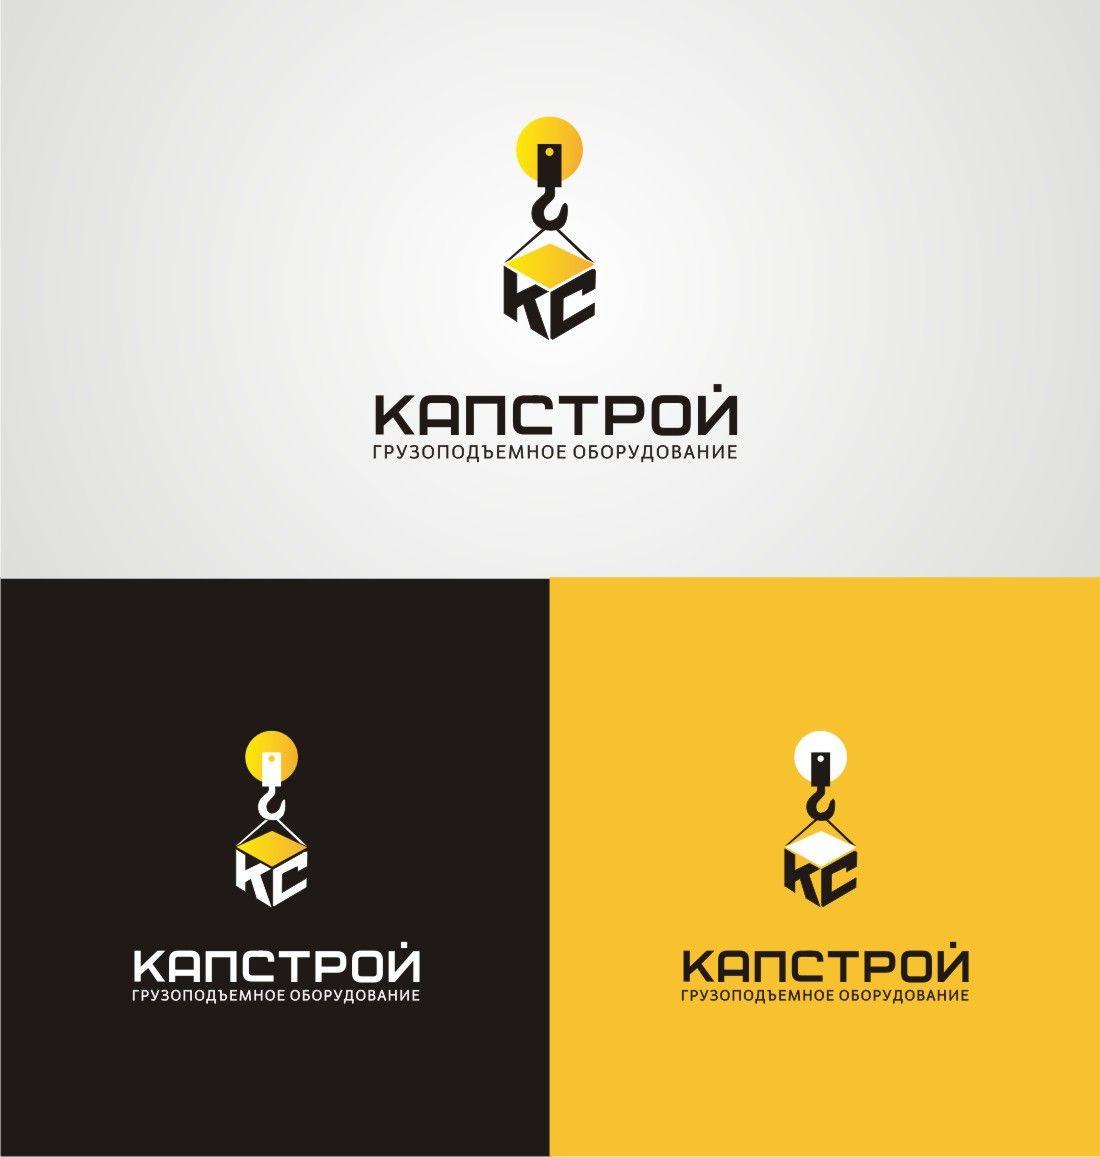 Лого и фирменный стиль для Капстрой  - дизайнер Tatyana_Lalaeva